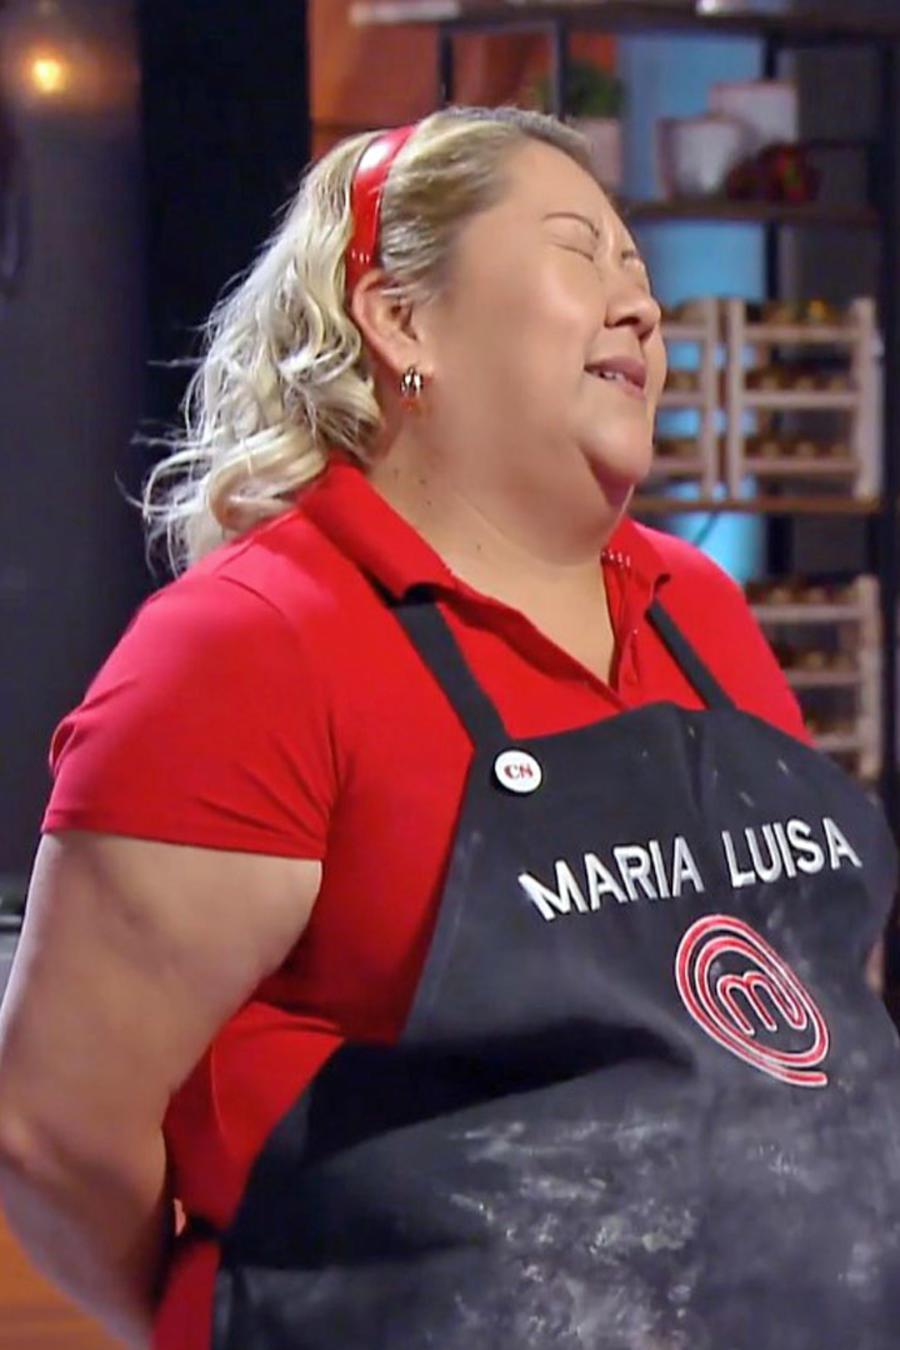 María Luisa Balbuena cometió un error en el reto de eliminación en MasterChef Latino 2